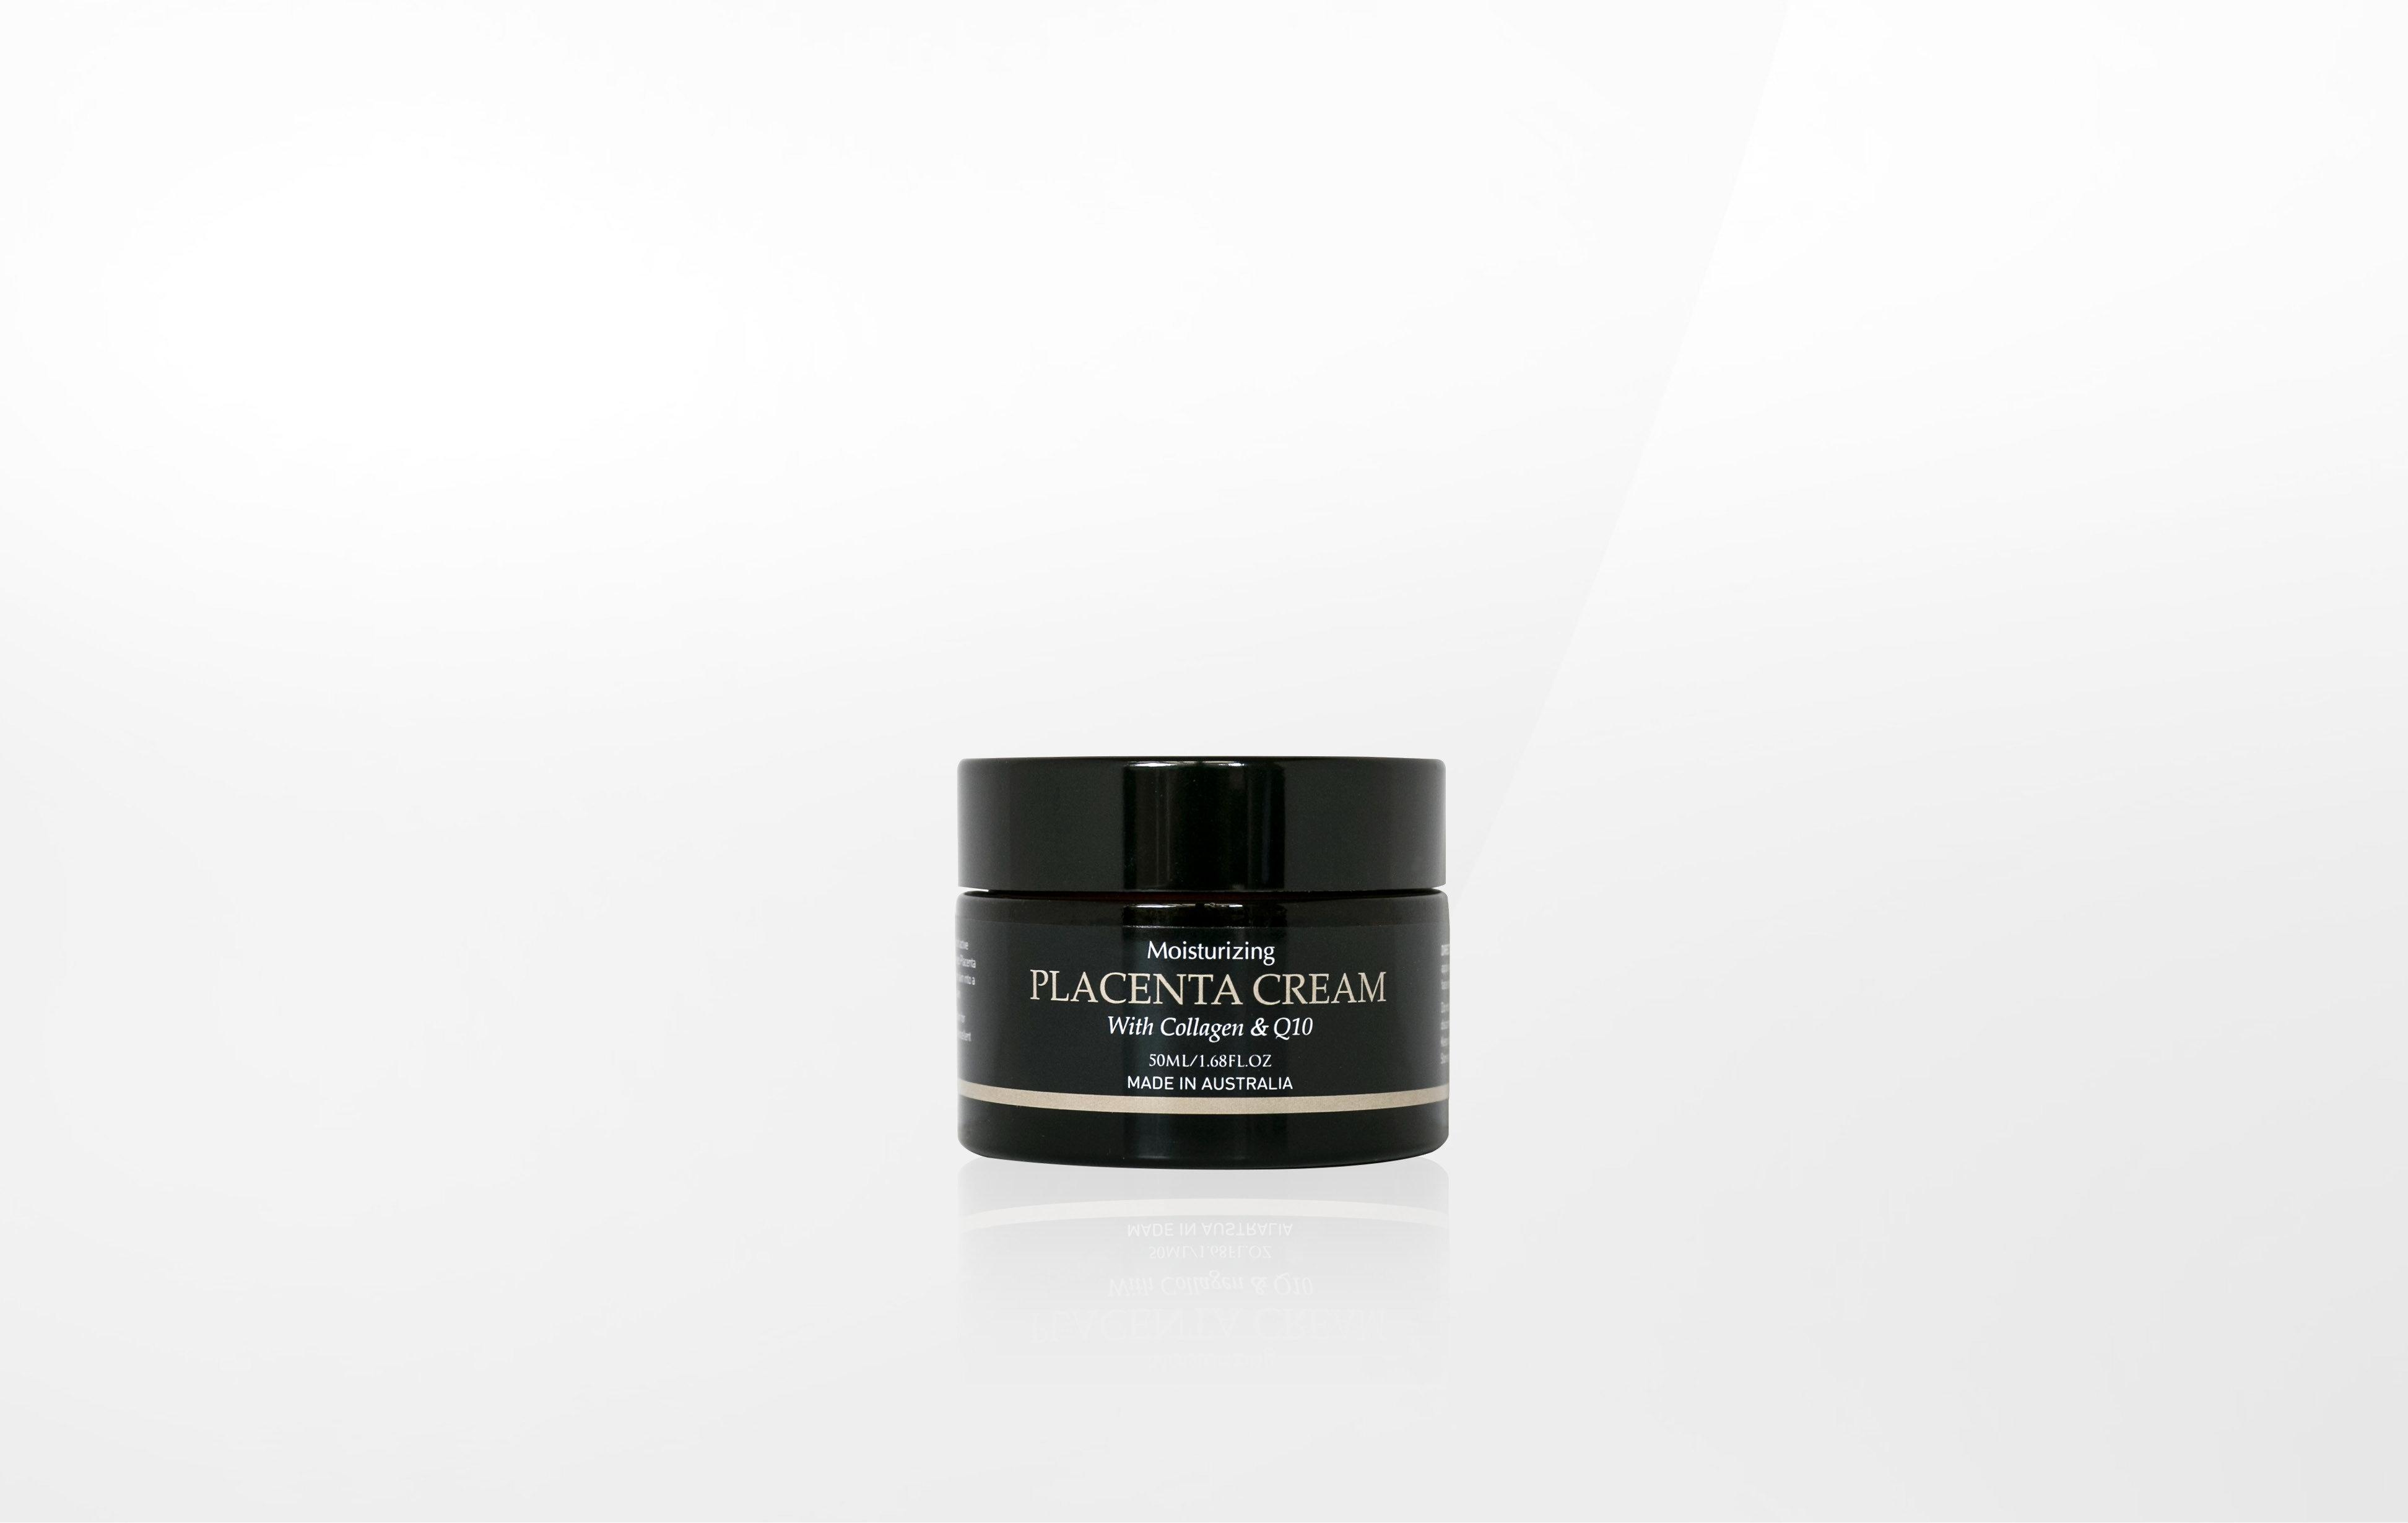 Placenta Cream 003